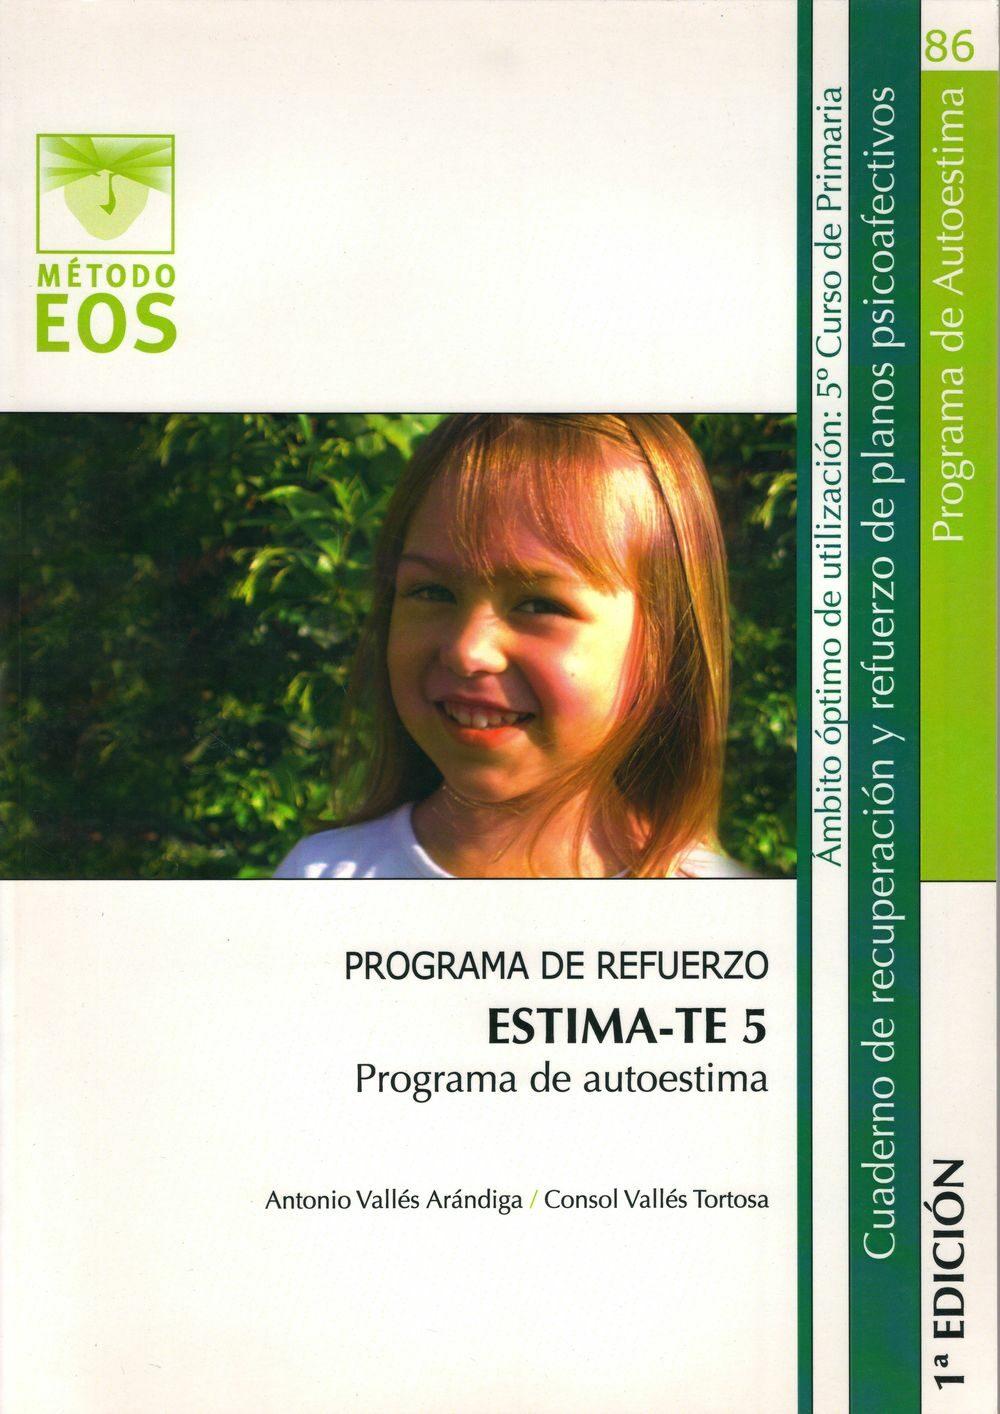 Estima-te 5. Programa De Autoestima:_programa De Refuerzo. Cuader No D - Valles Arandiga Antonio